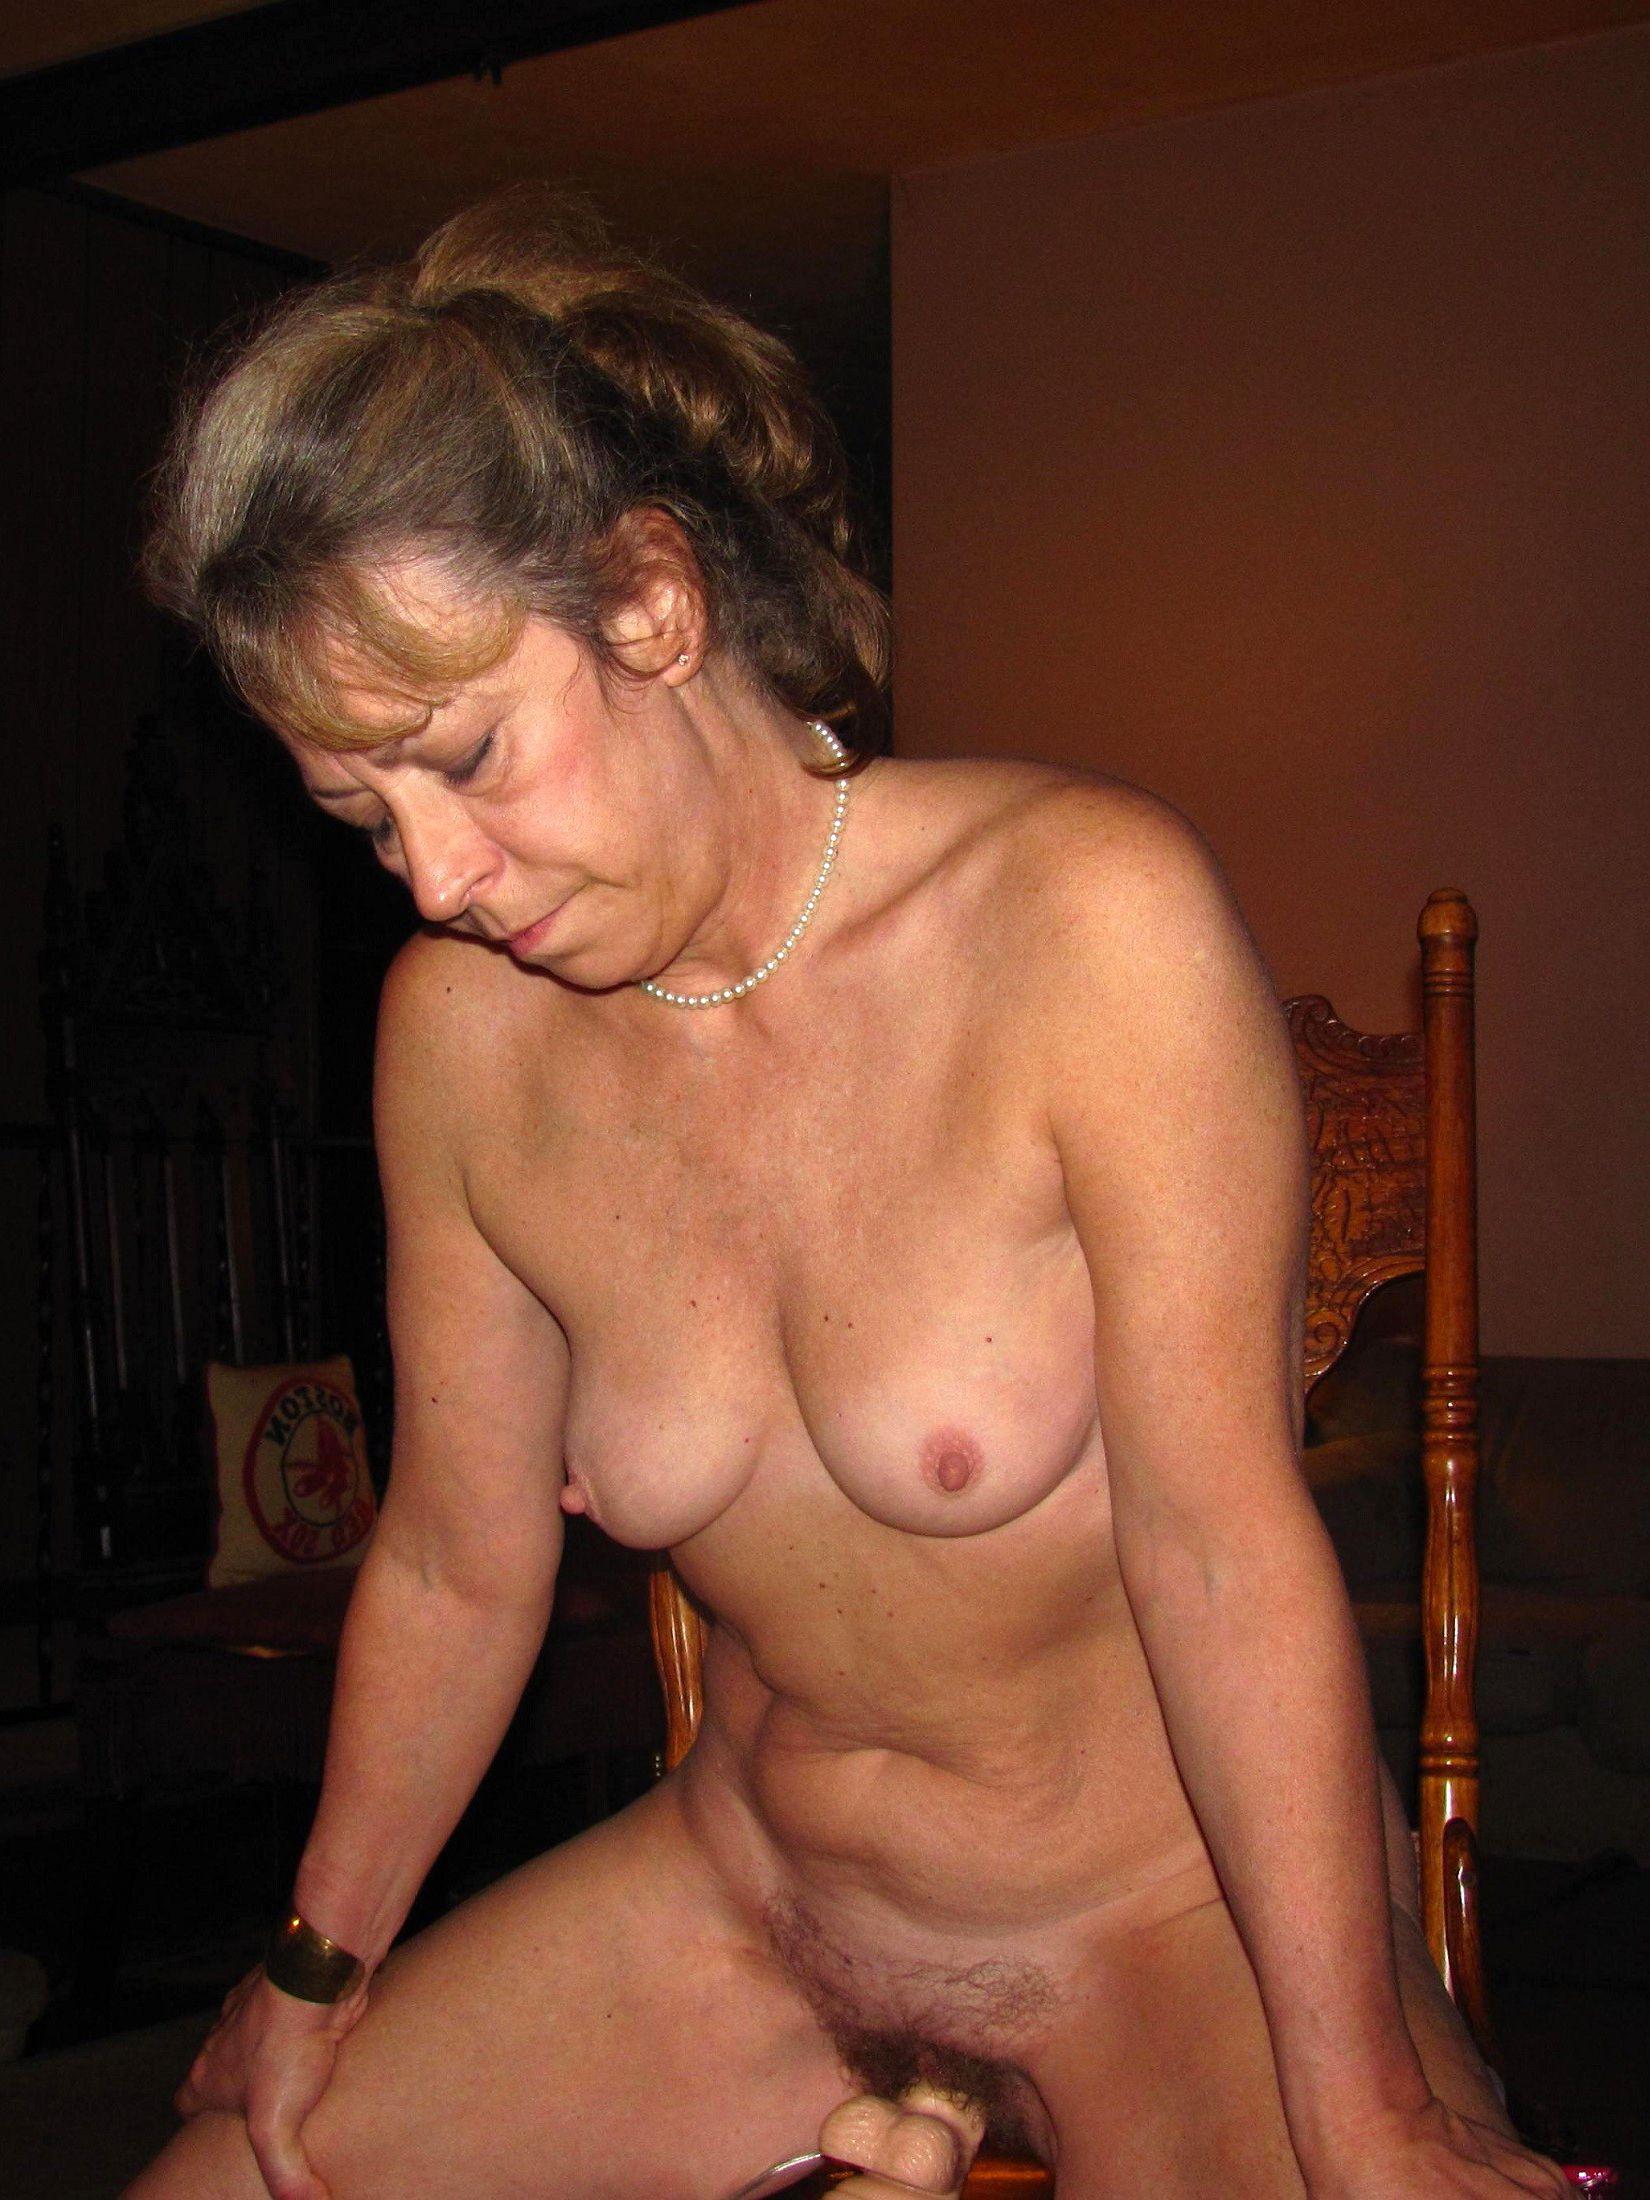 Mature foto porno 60 Granny